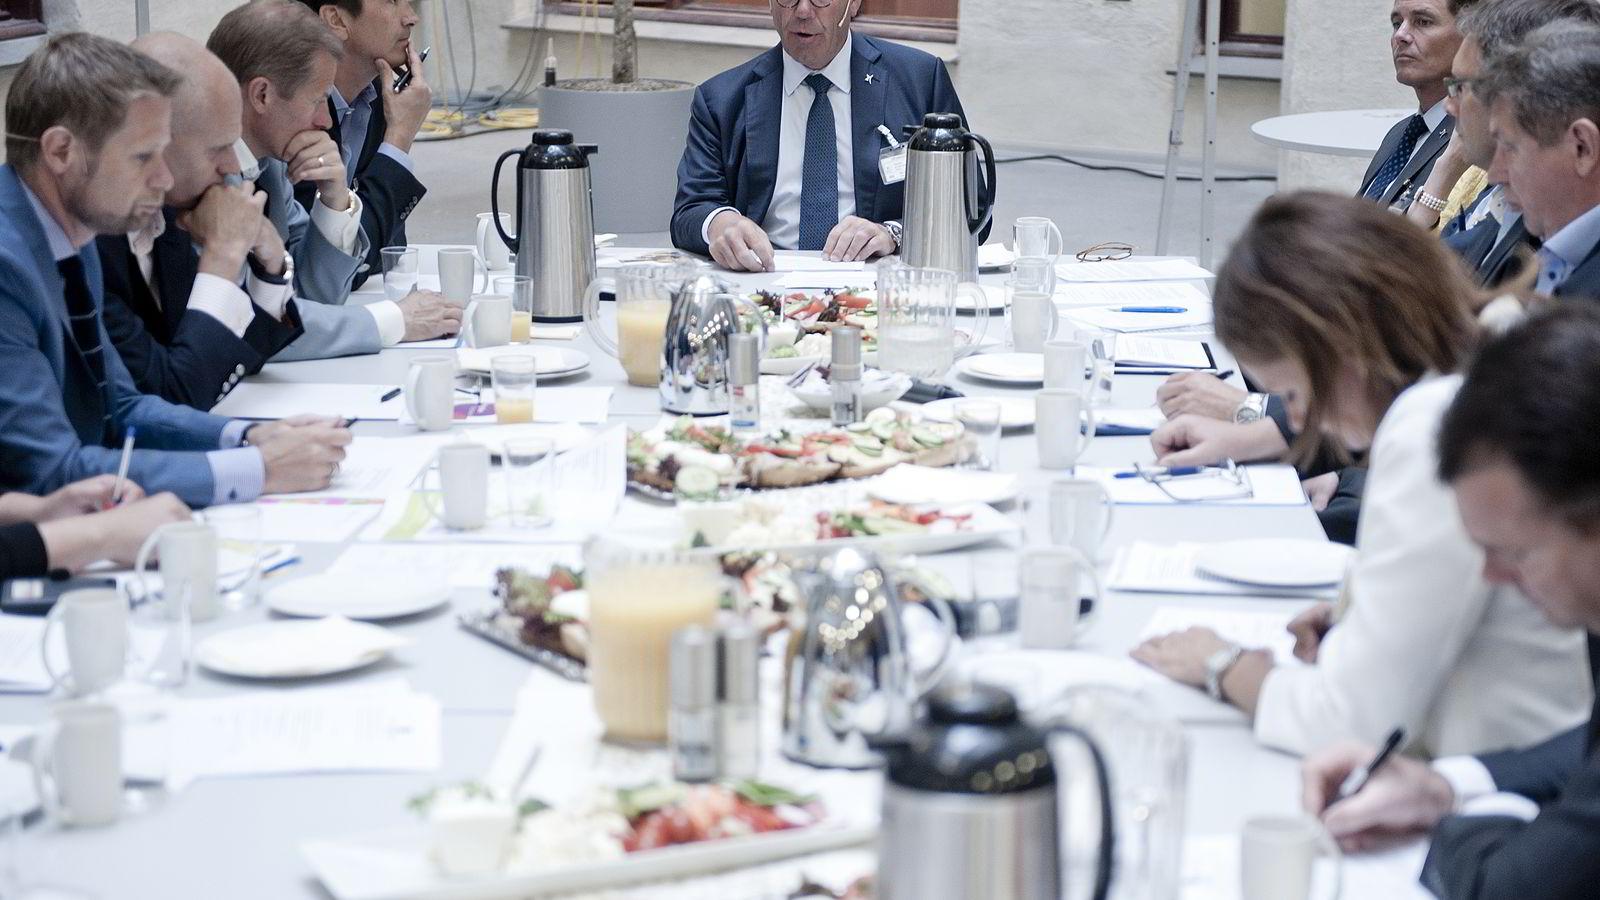 MATVAREMAKTEN SAMLET. Styreleder i Orkla, Stein Erik Hagen (i midten), holder et innledende foredrag under næringslivets samarbeidsmøte om folkehelse i Helse- og omsorgsdepartementet i Oslo onsdag formiddag. Foto: Jon Olav Nesvold /